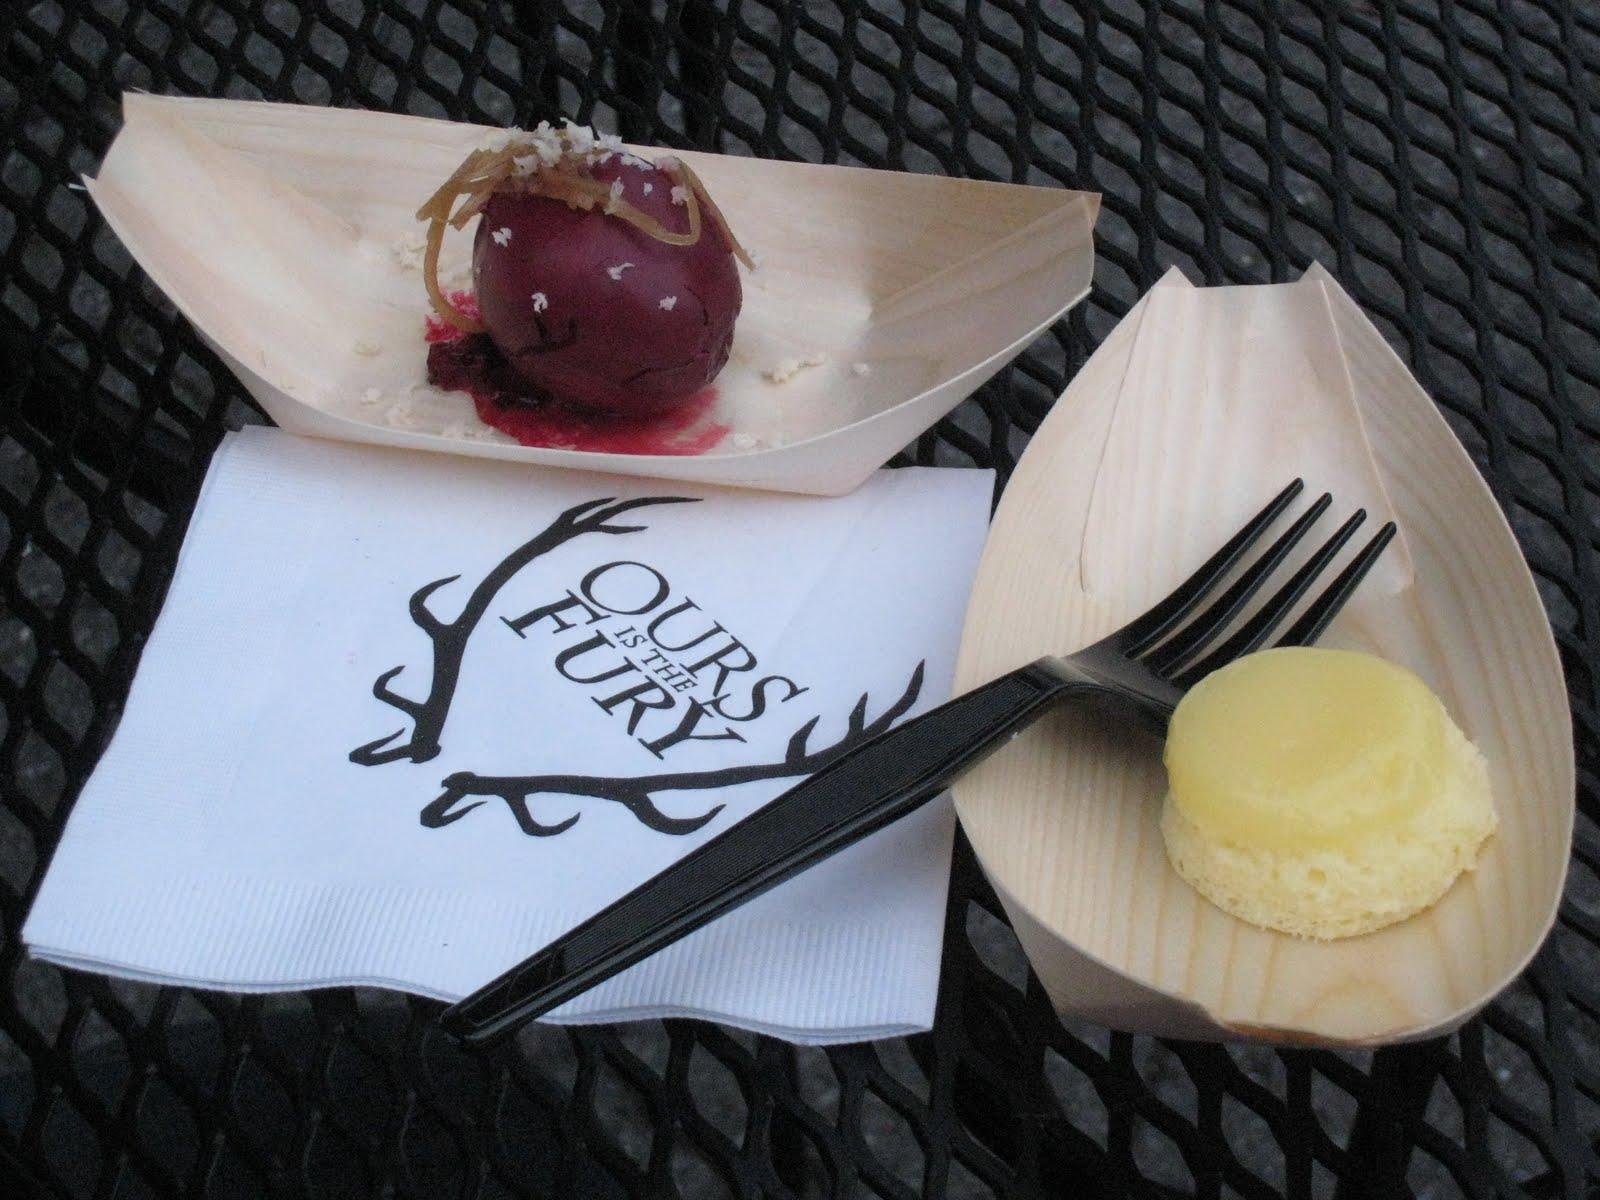 street food dello chef Tom Colicchio ispirato a Game of Thrones.